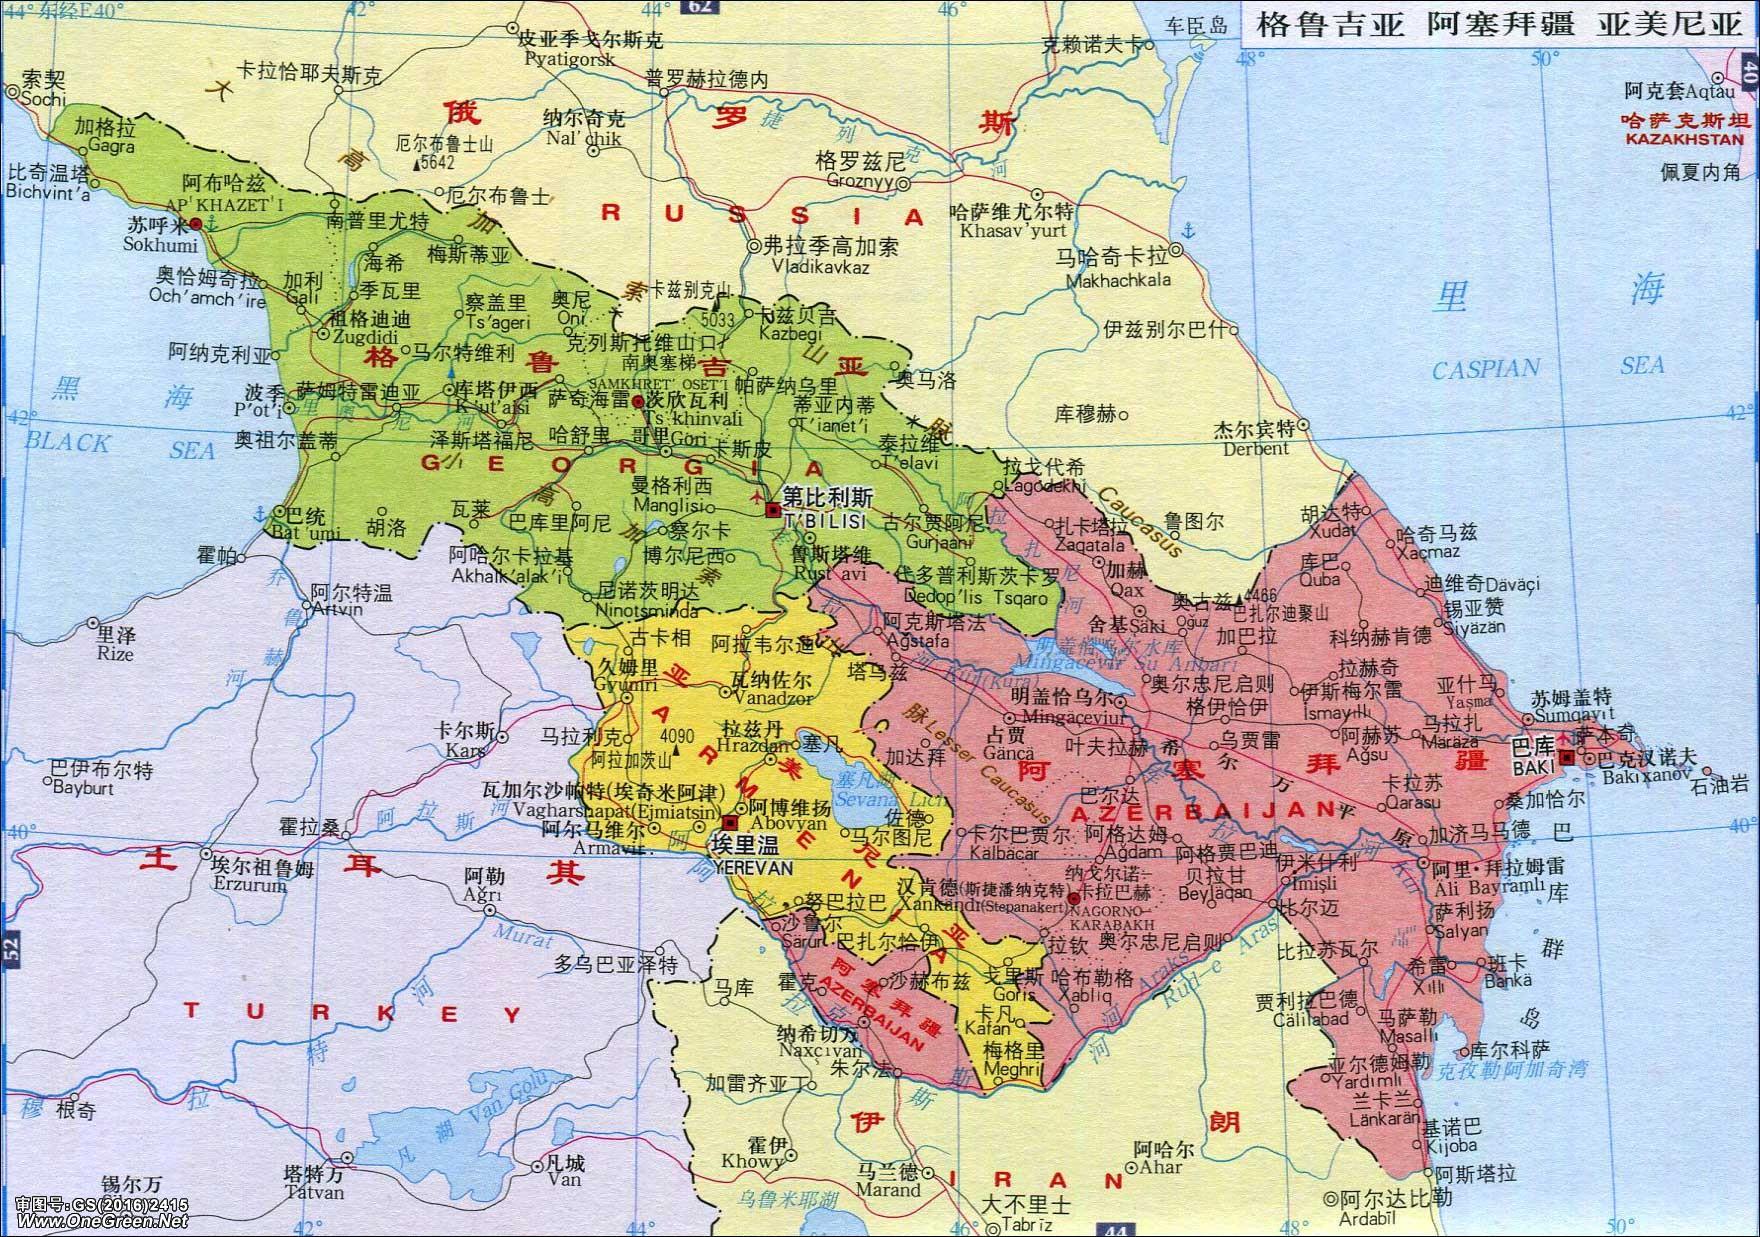 黎巴嫩地图_格鲁吉亚新版地图_格鲁吉亚地图库_地图窝